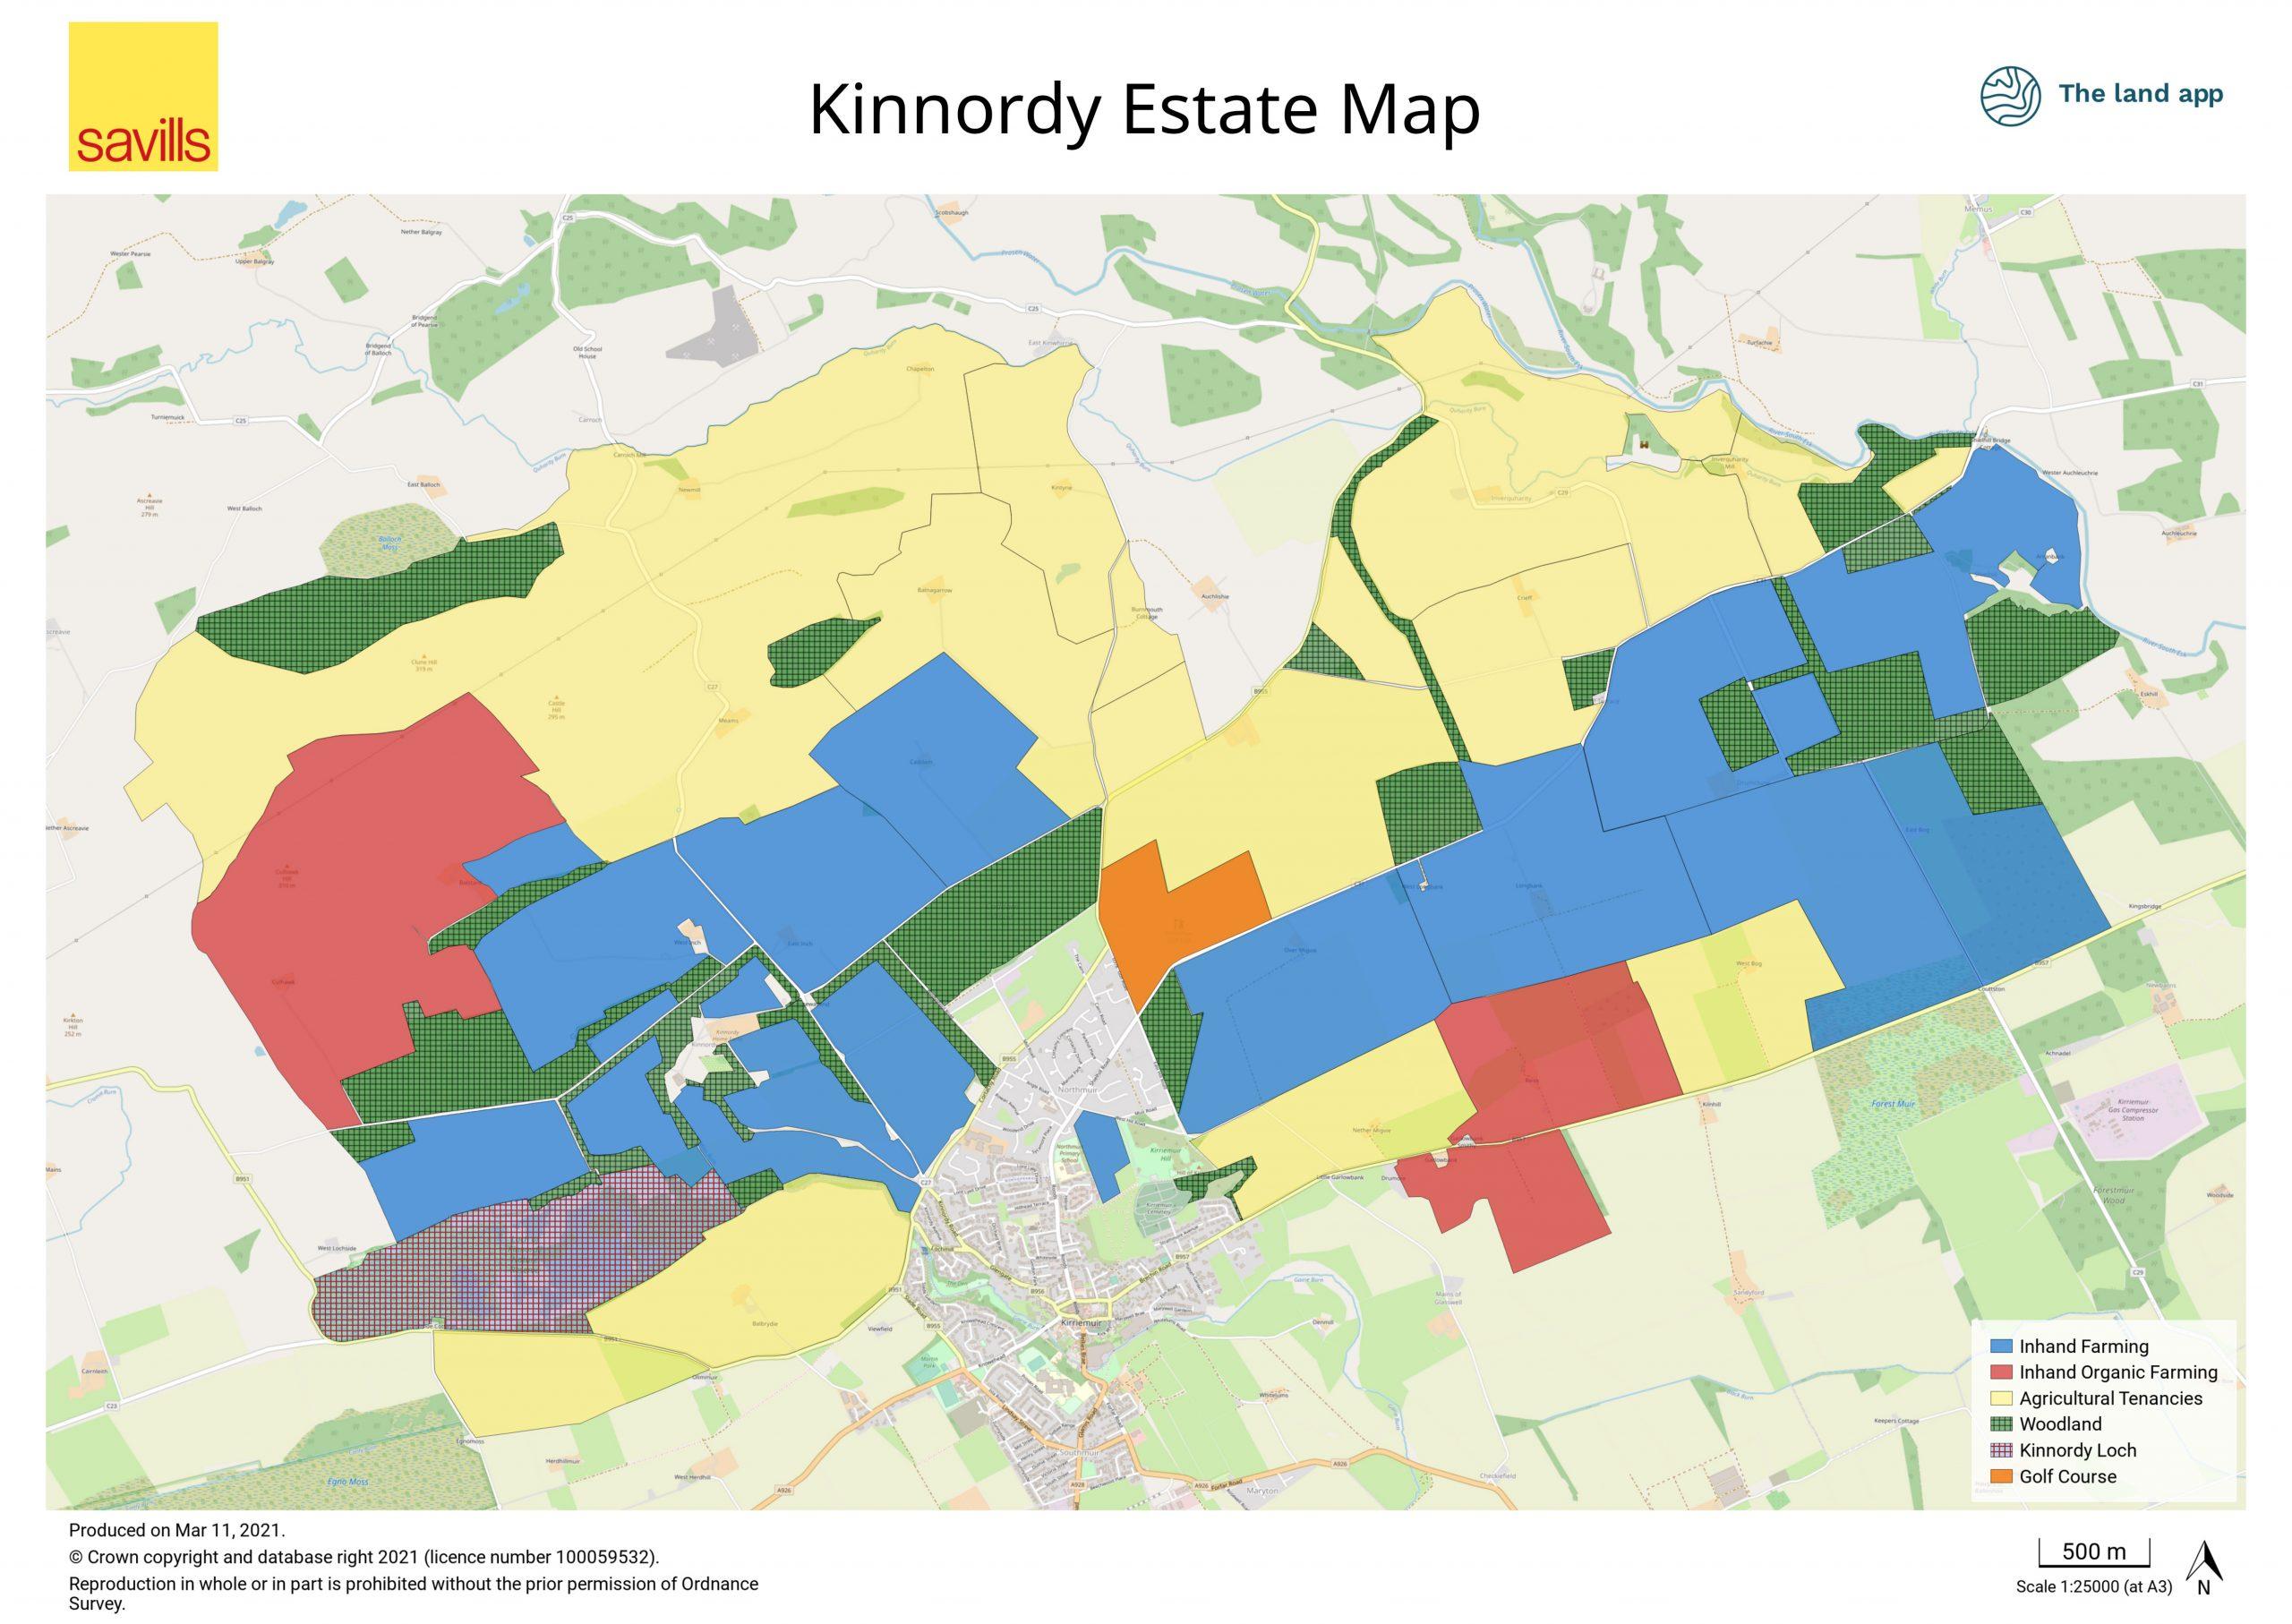 Kinnordy Estate Map